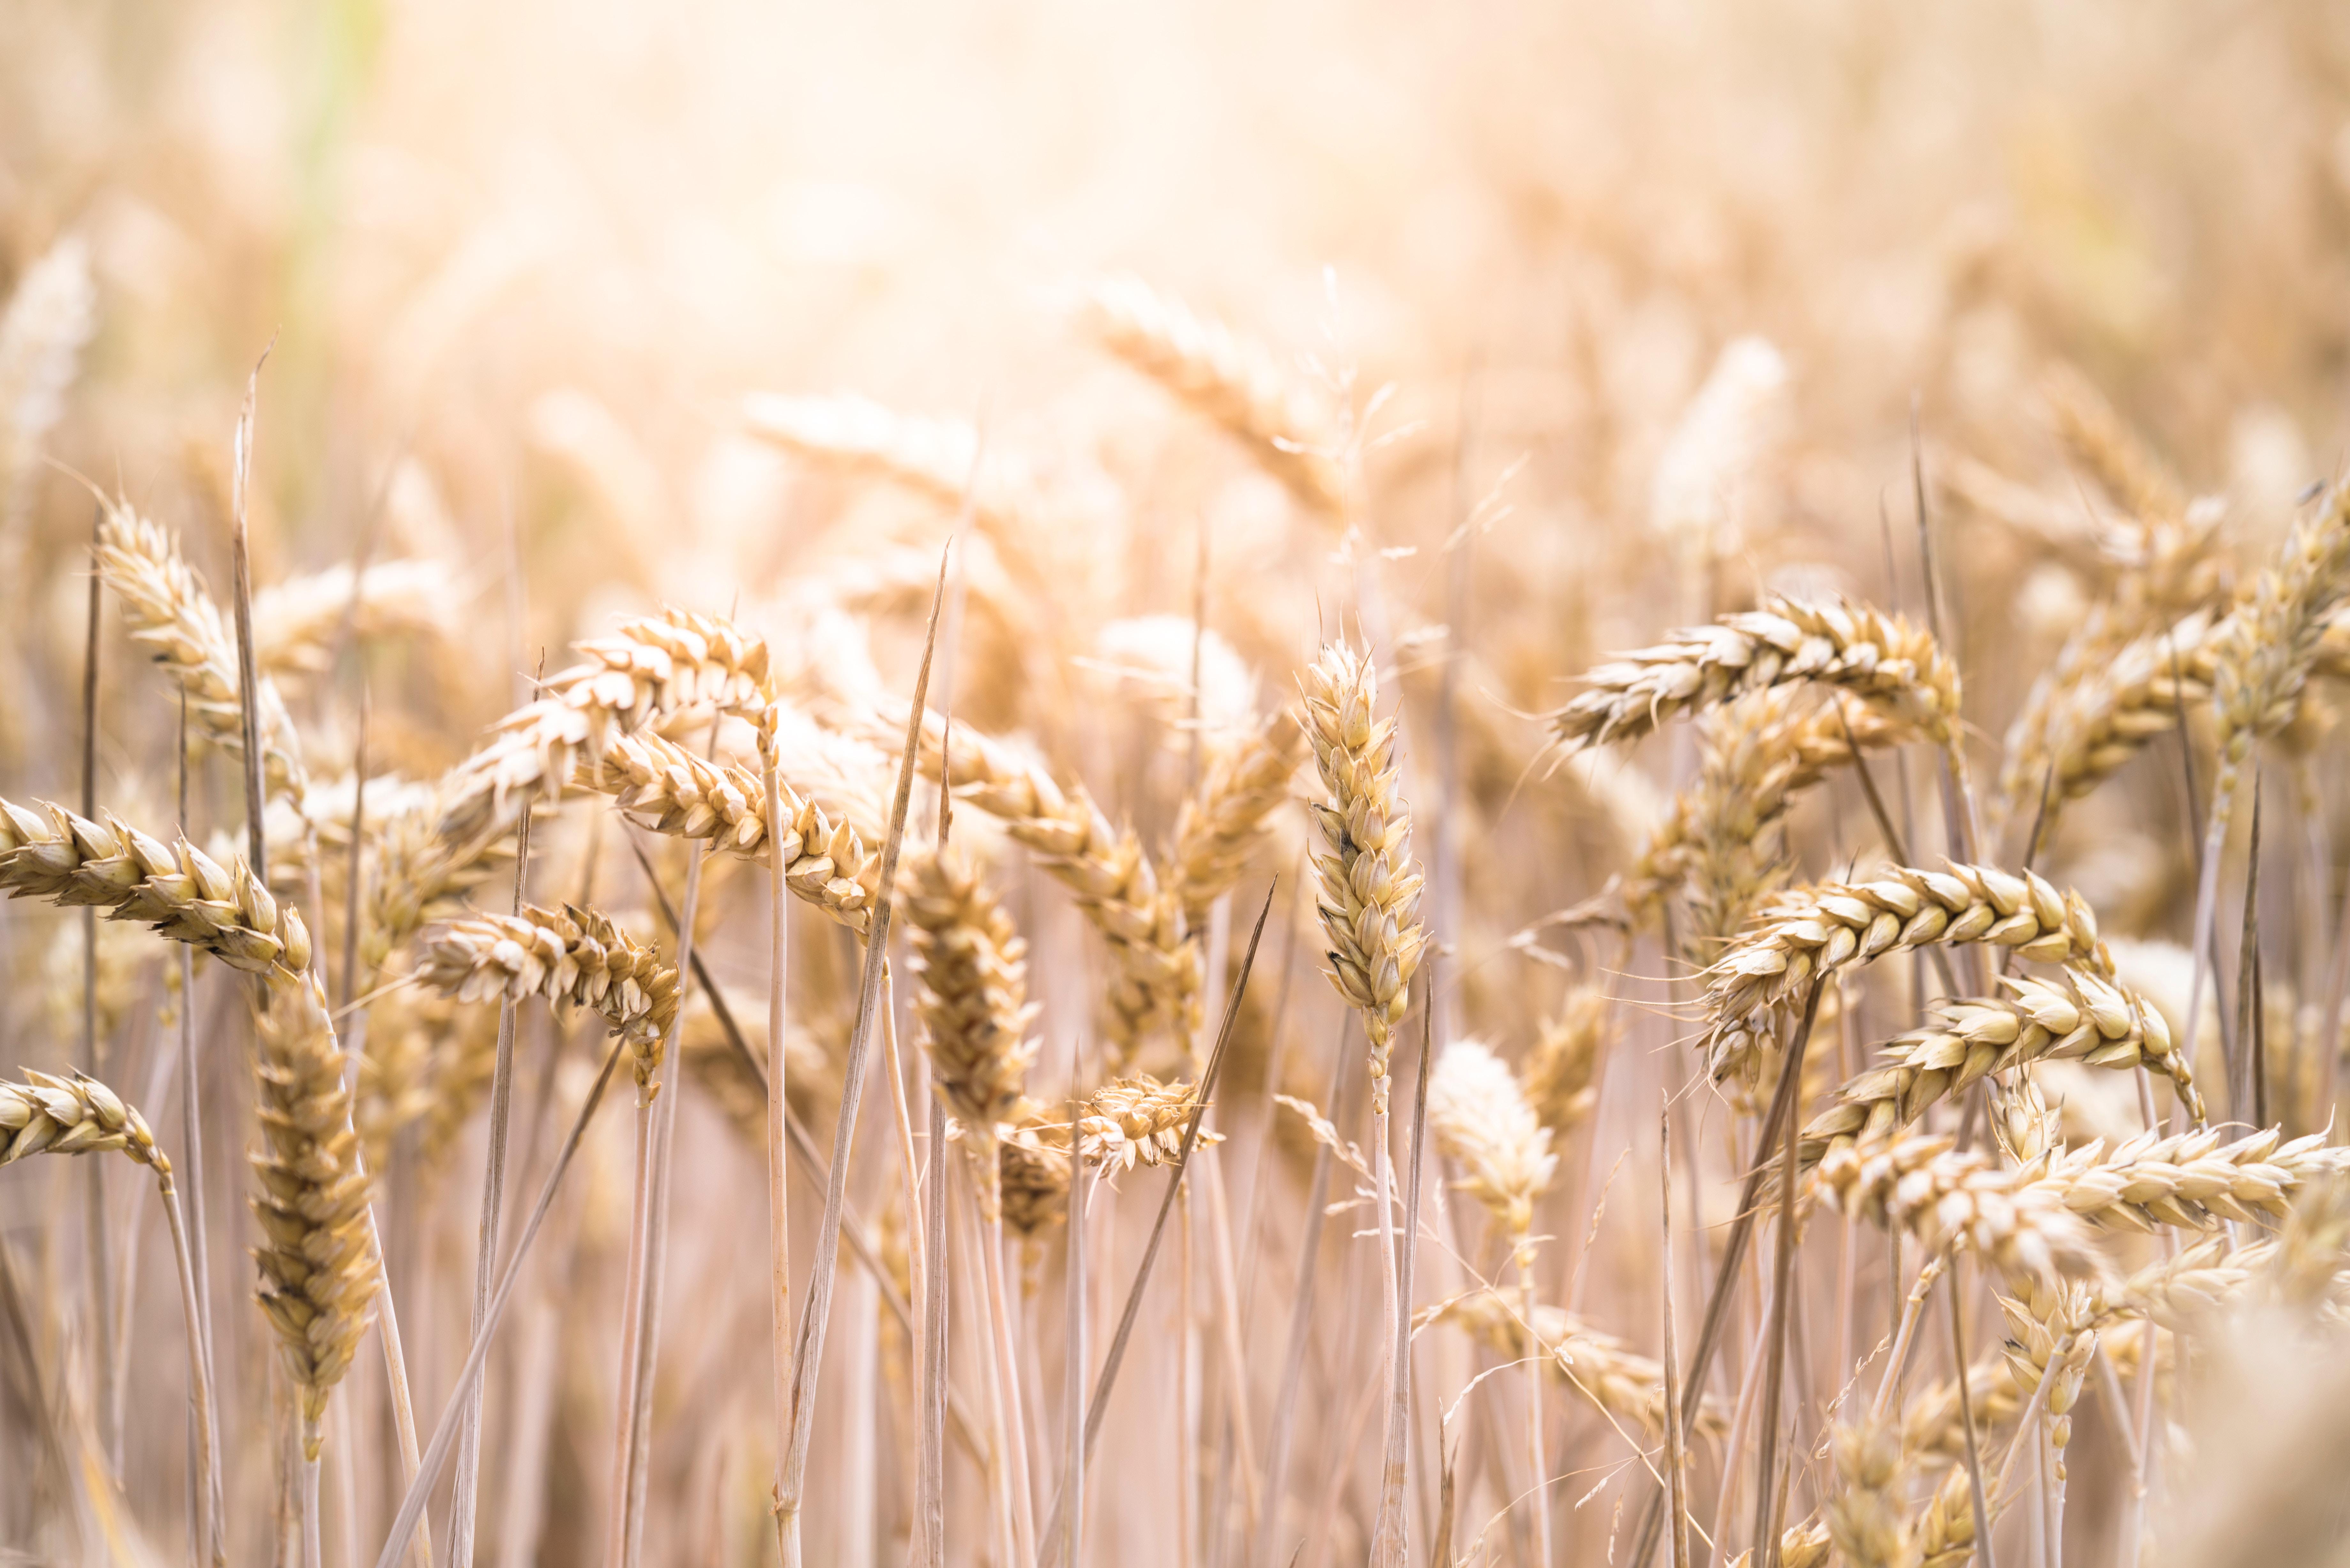 Les bas niveaux de rendement du blé observés en 2016 seront-ils plus fréquents dans les années à venir ?